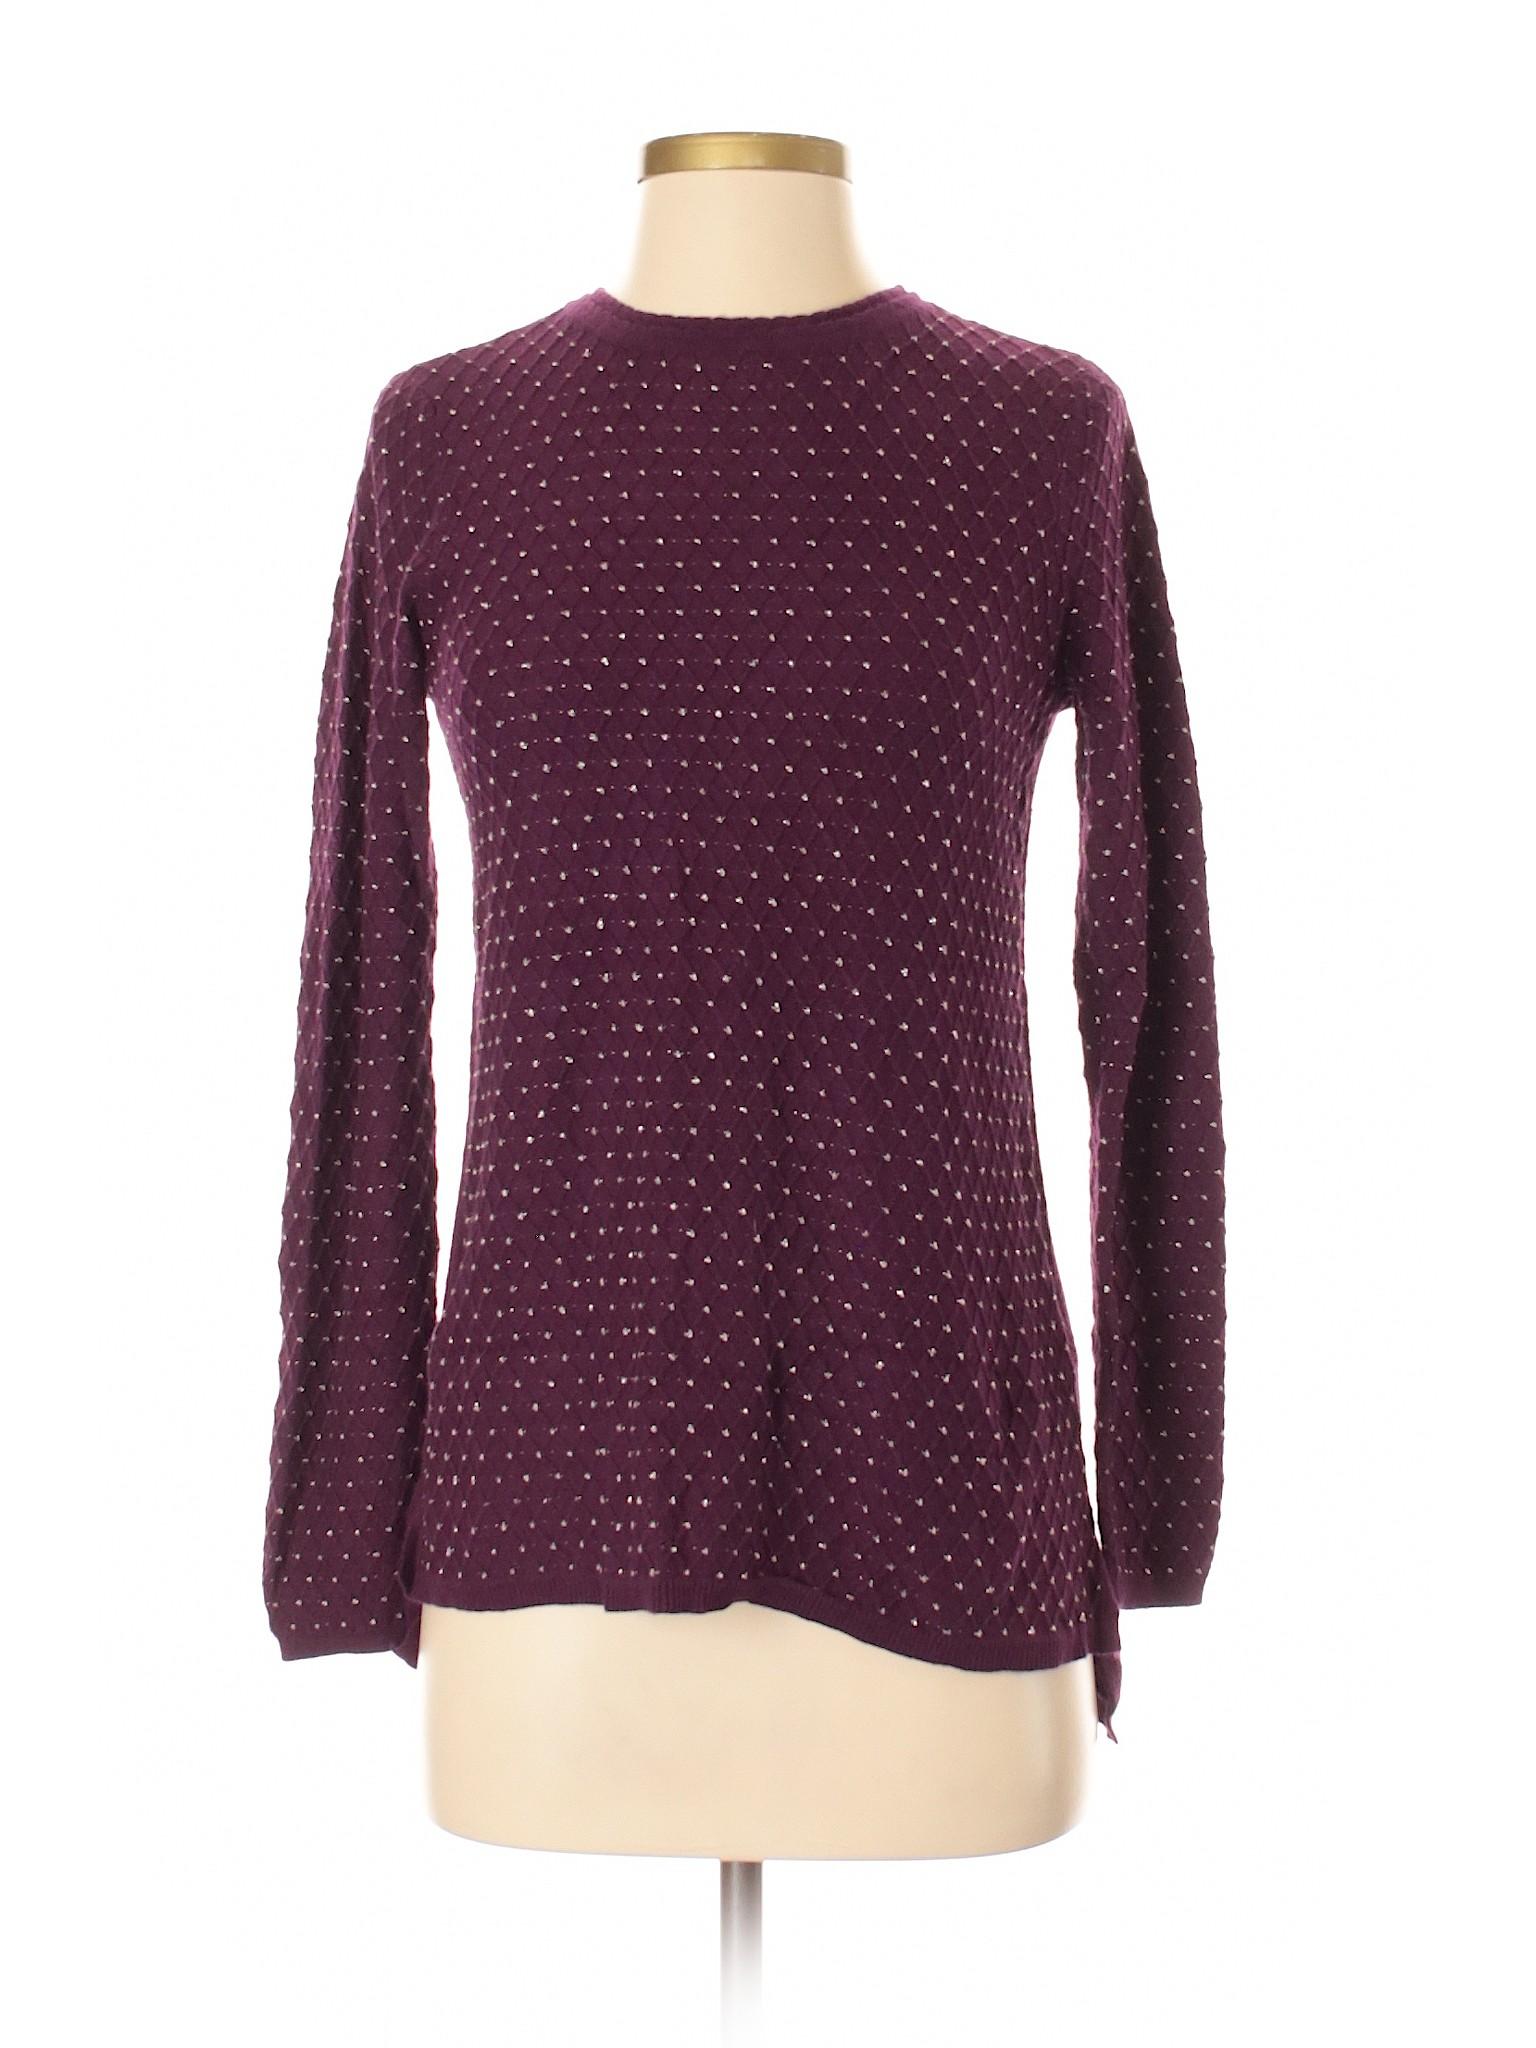 Pullover winter Elle Elle winter Pullover winter Sweater Boutique Sweater Boutique Boutique wwPXBq